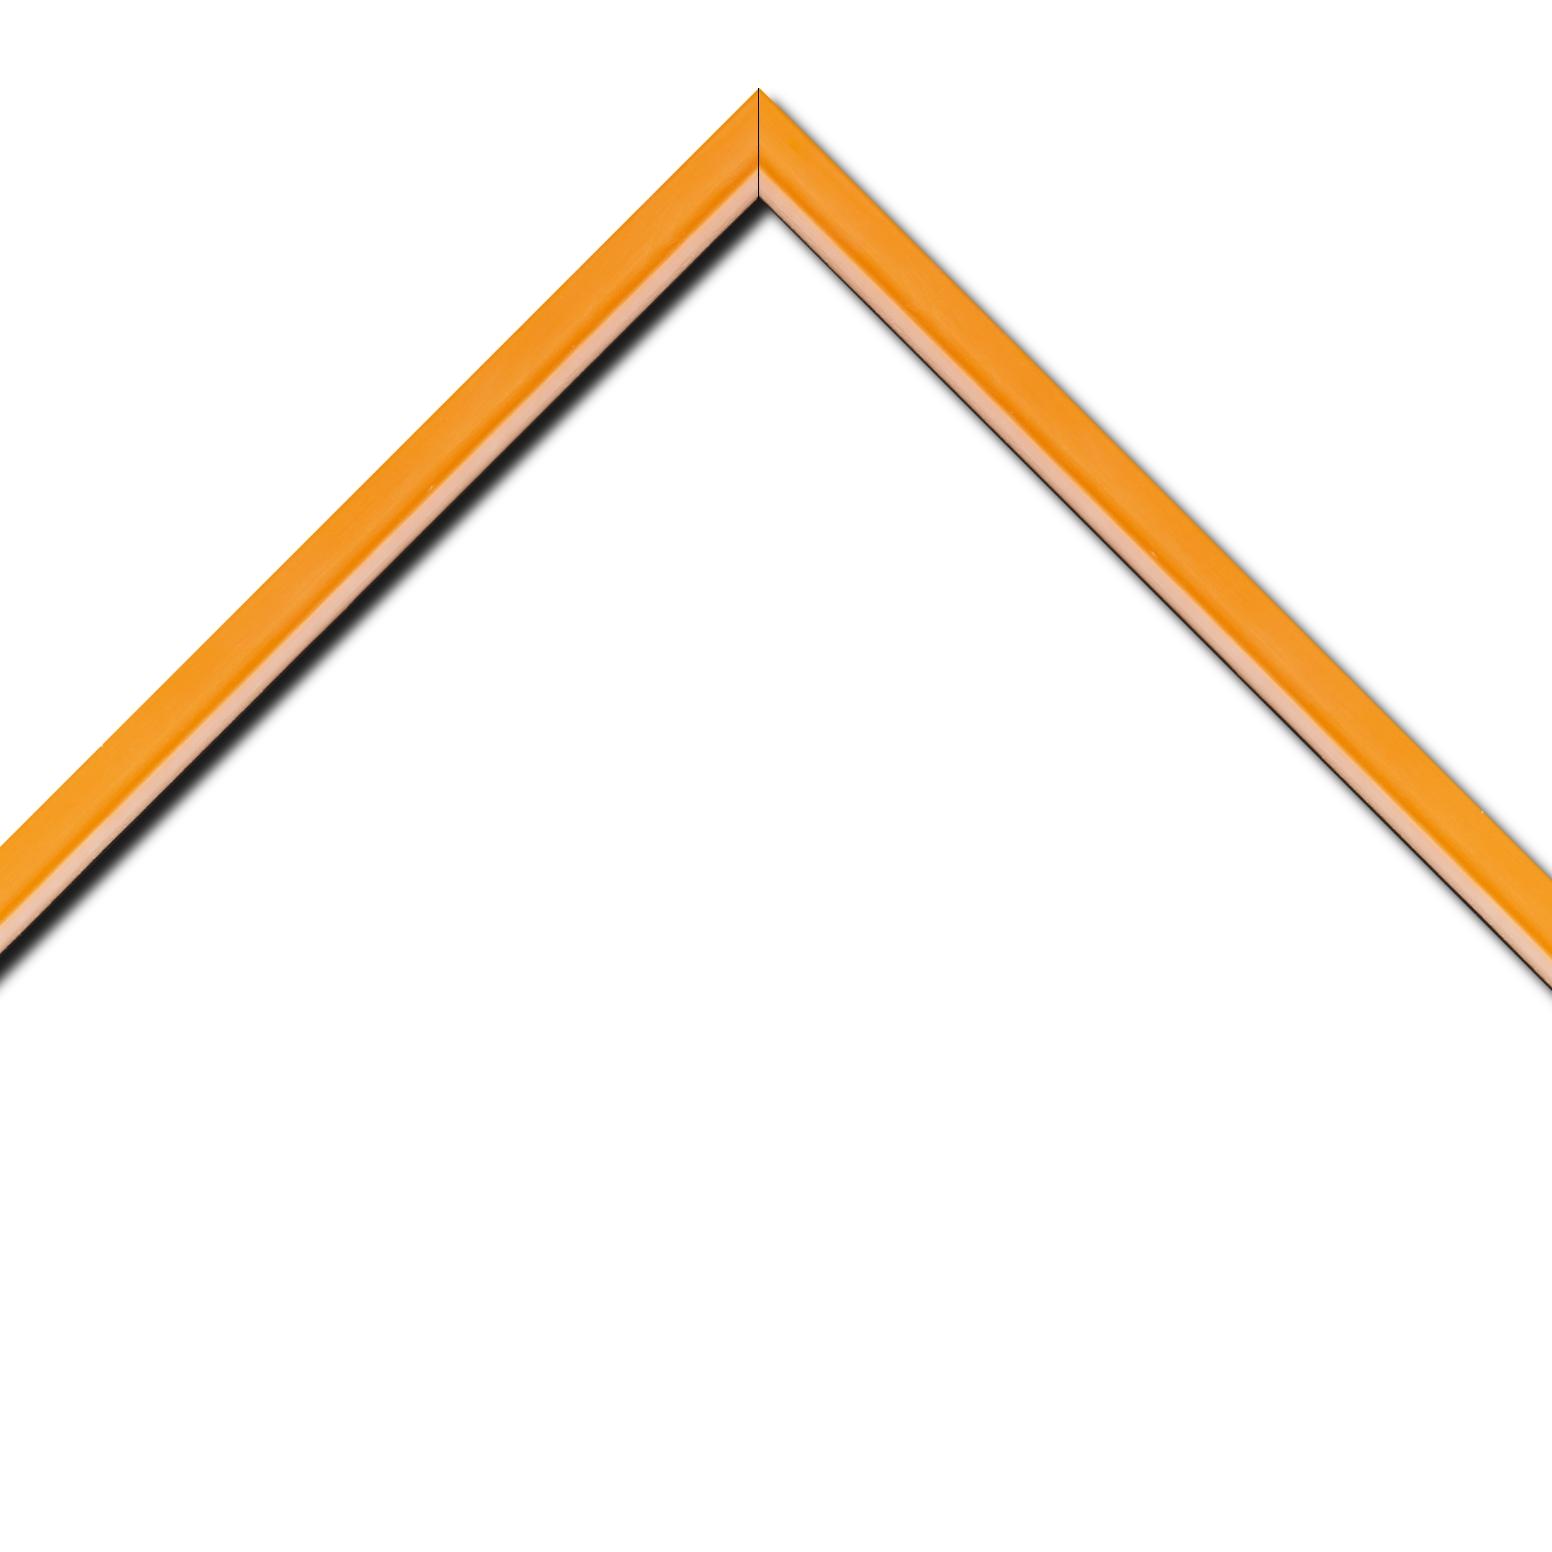 Baguette bois profil incurvé largeur 1.9cm de couleur orange tonique filet intérieur blanchi